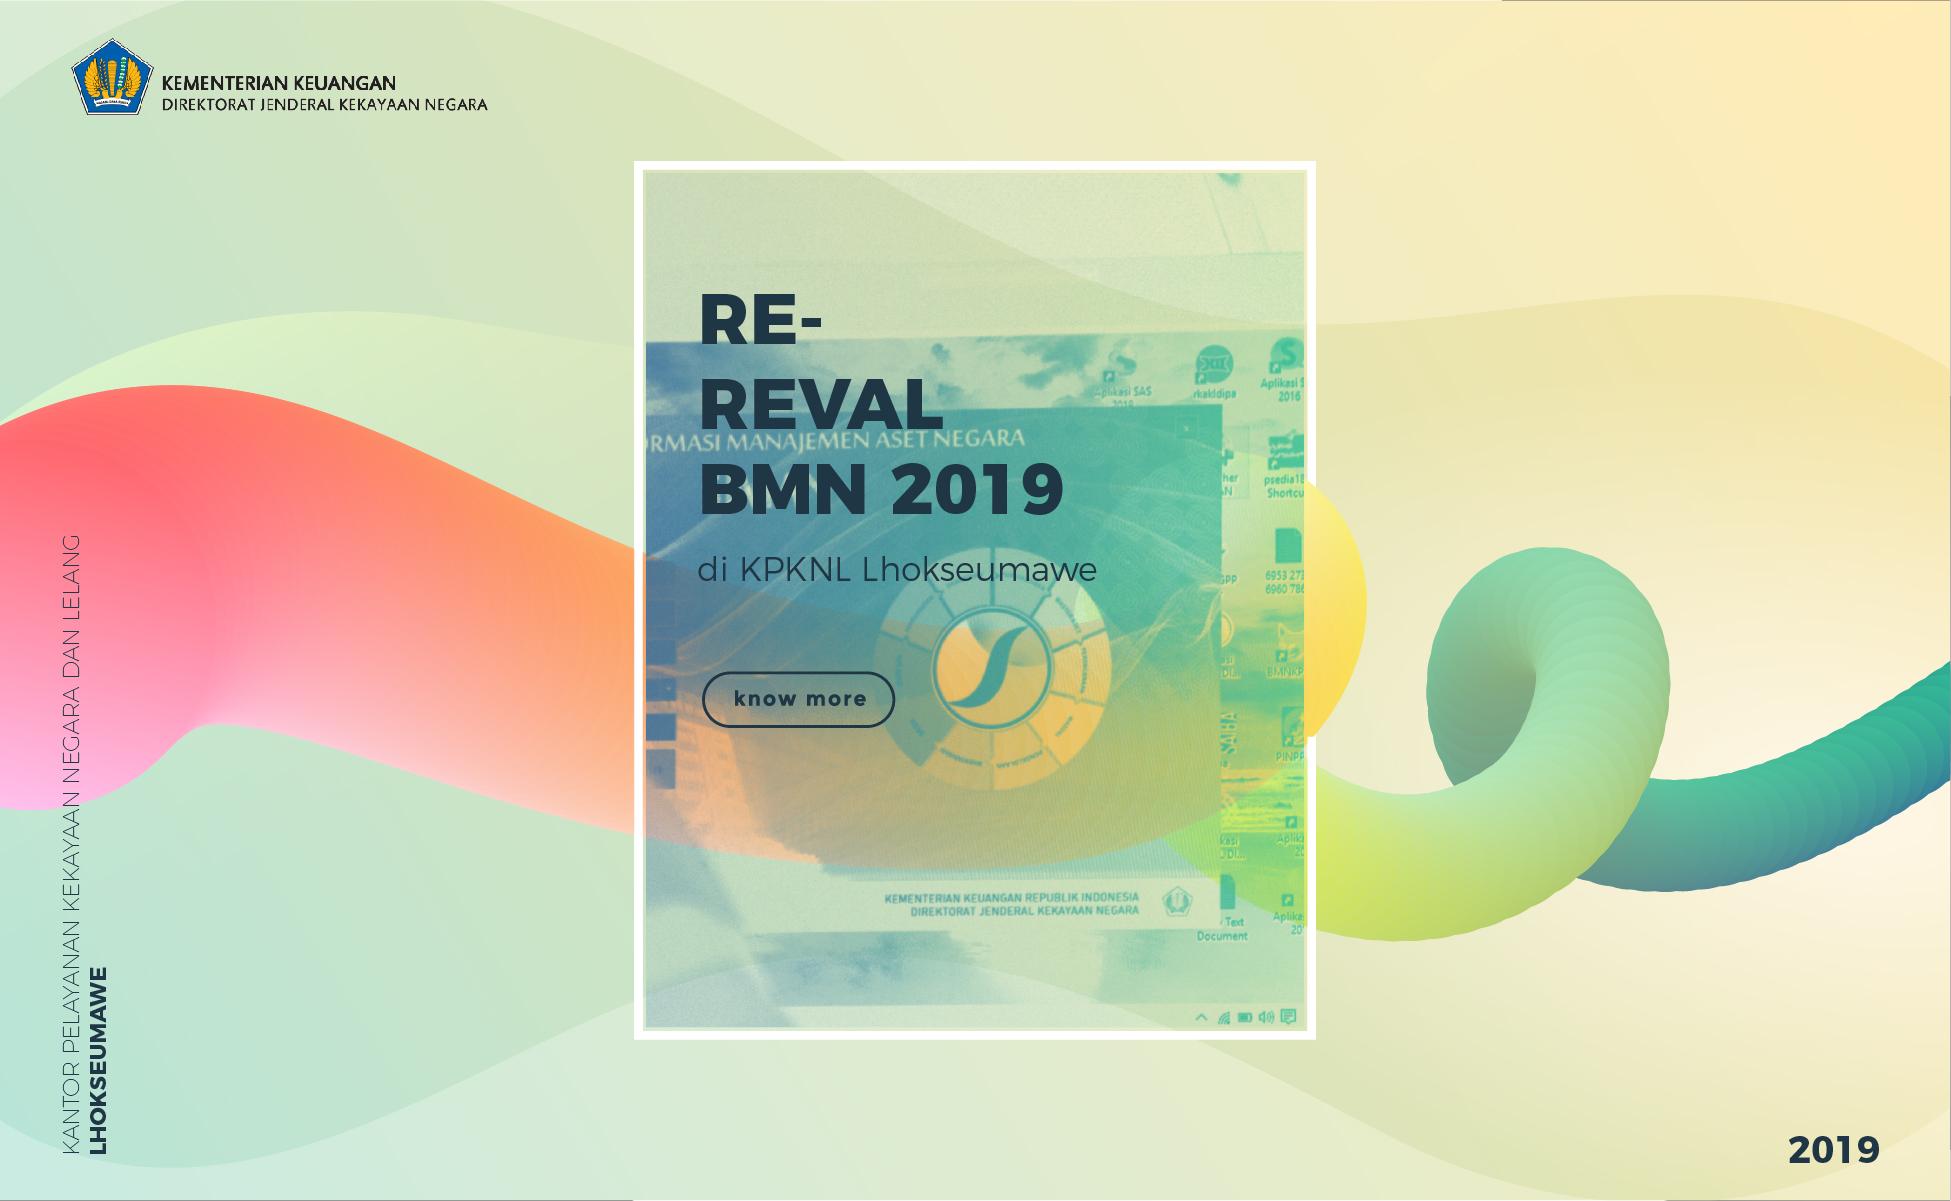 Re-Revaluasi BMN 2019